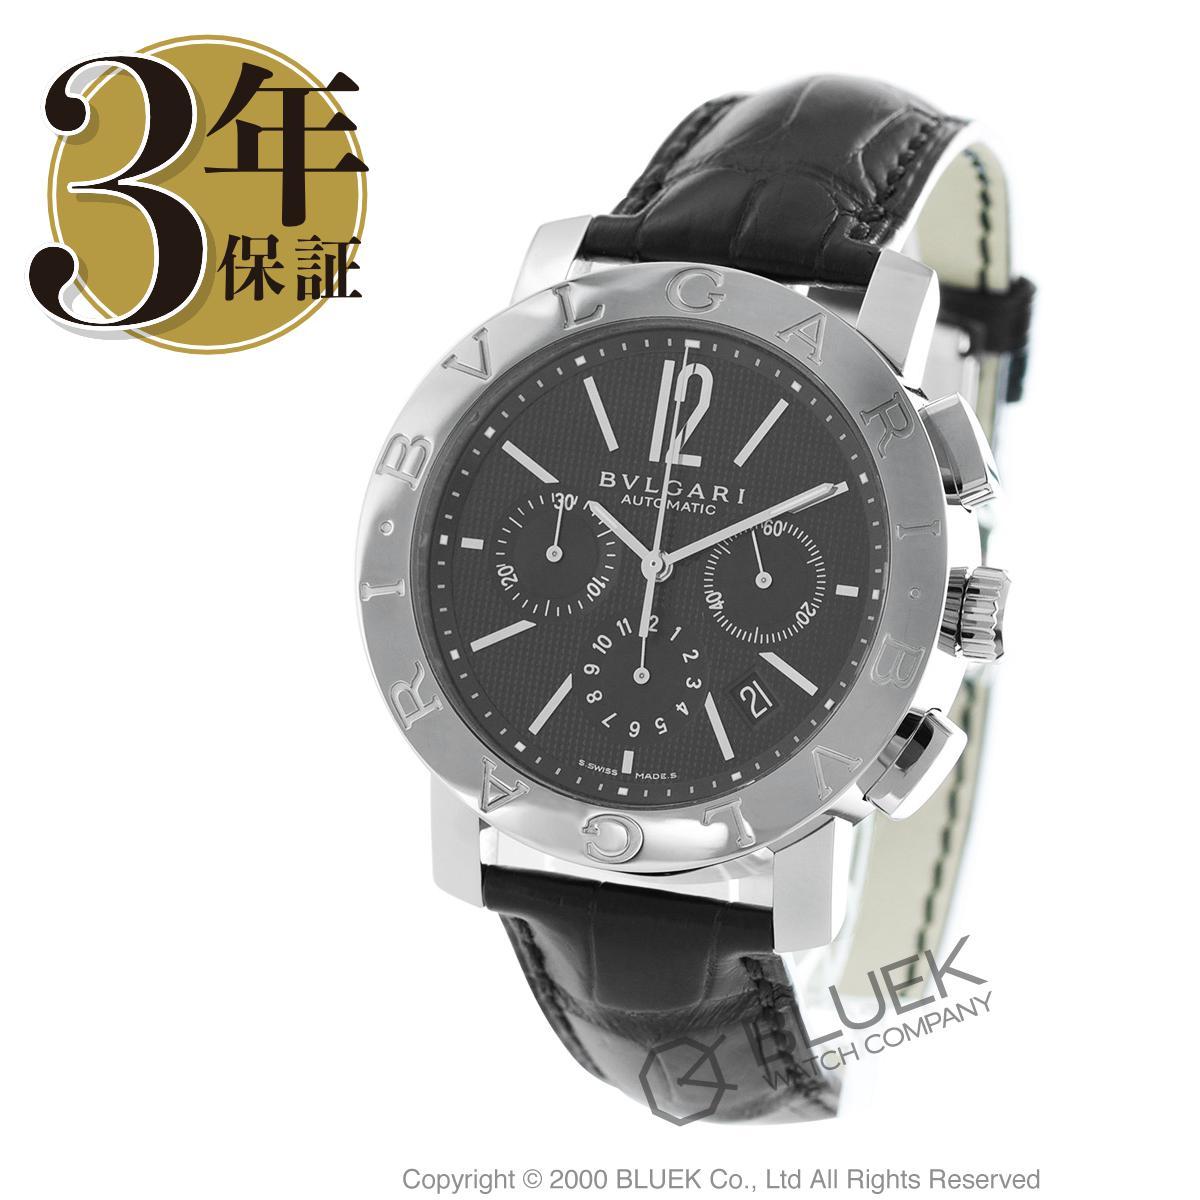 ブルガリ ブルガリブルガリ クロノグラフ アリゲーターレザー 腕時計 メンズ BVLGARI BB42BSLDCH_8